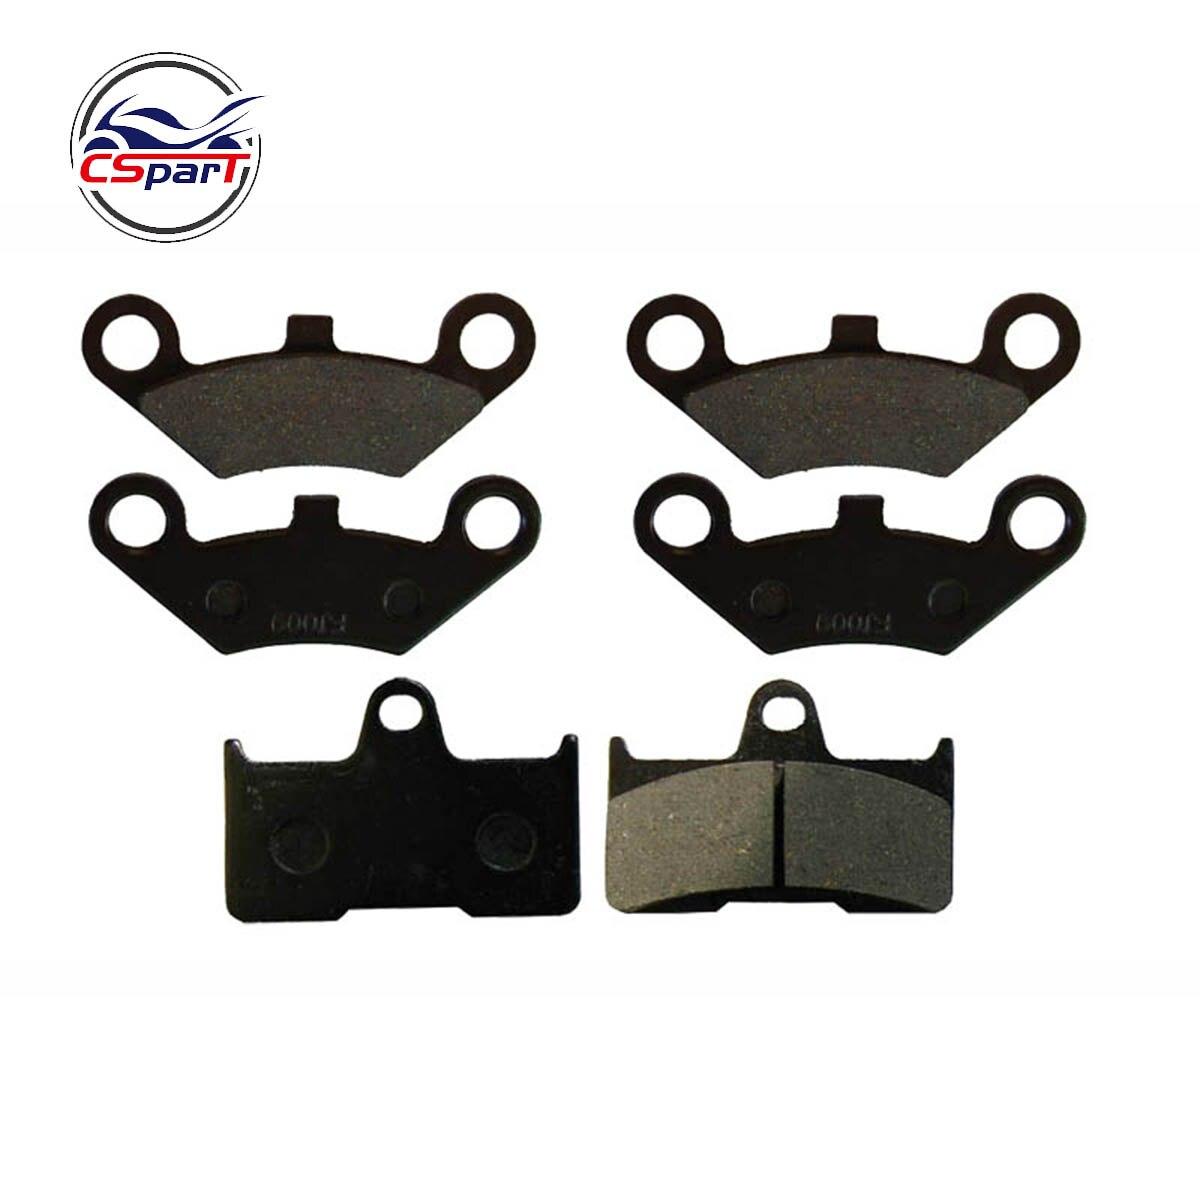 ATV Front 4pcs+Rear 2pcs  Brake Pad For CF Moto CF500 500CC CF 600 600CC X5 X6 X8 U5 ATV UTV Shineary